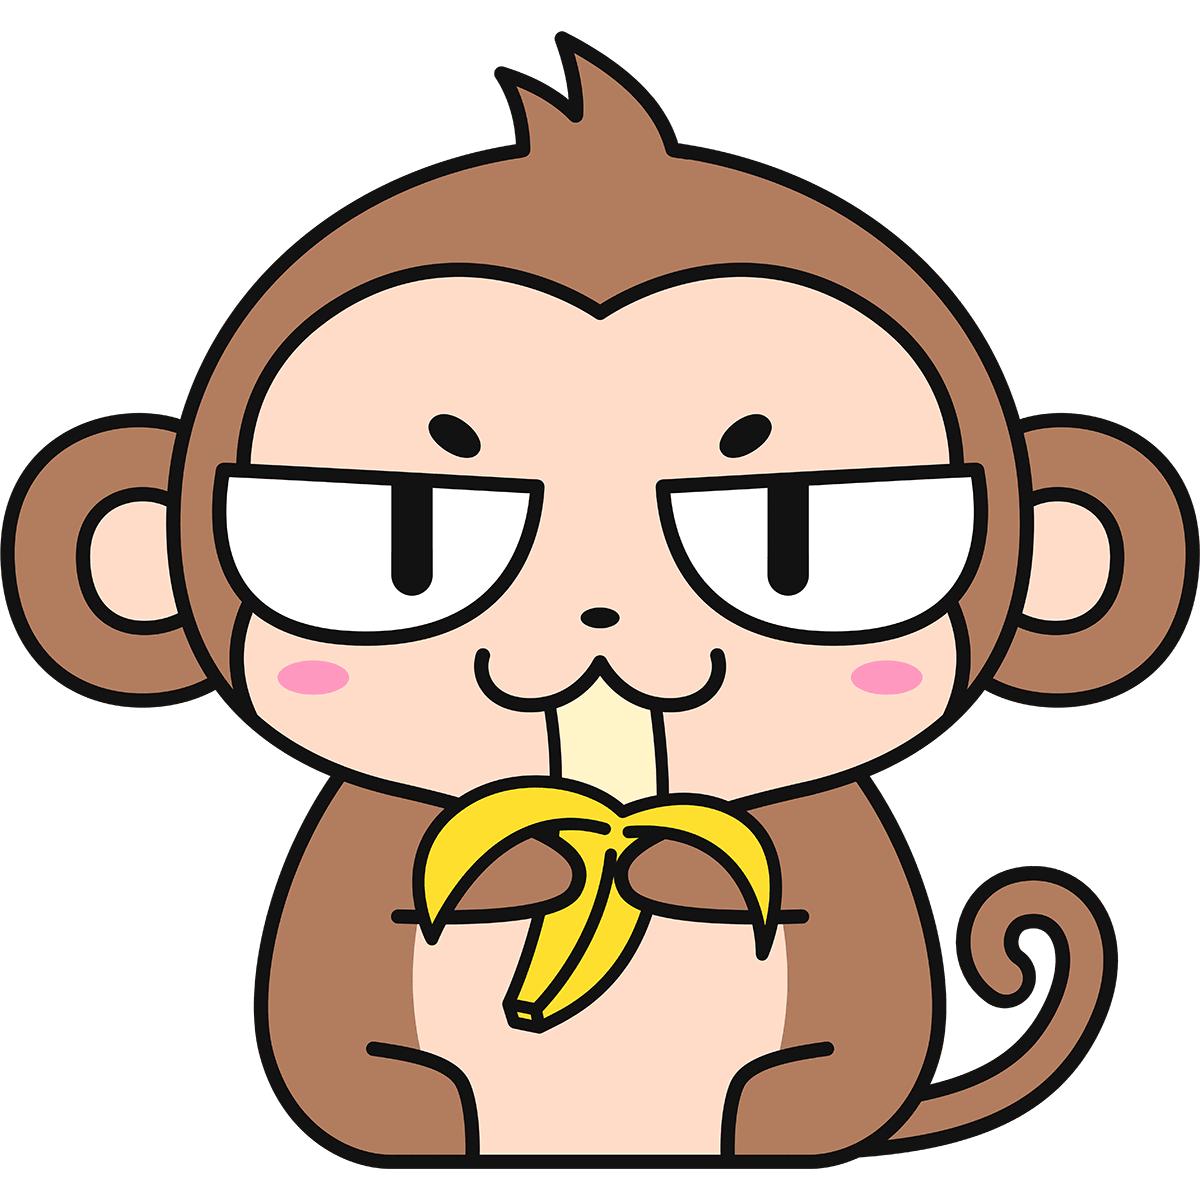 バナナを食べる猿(猫目)の無料イラスト